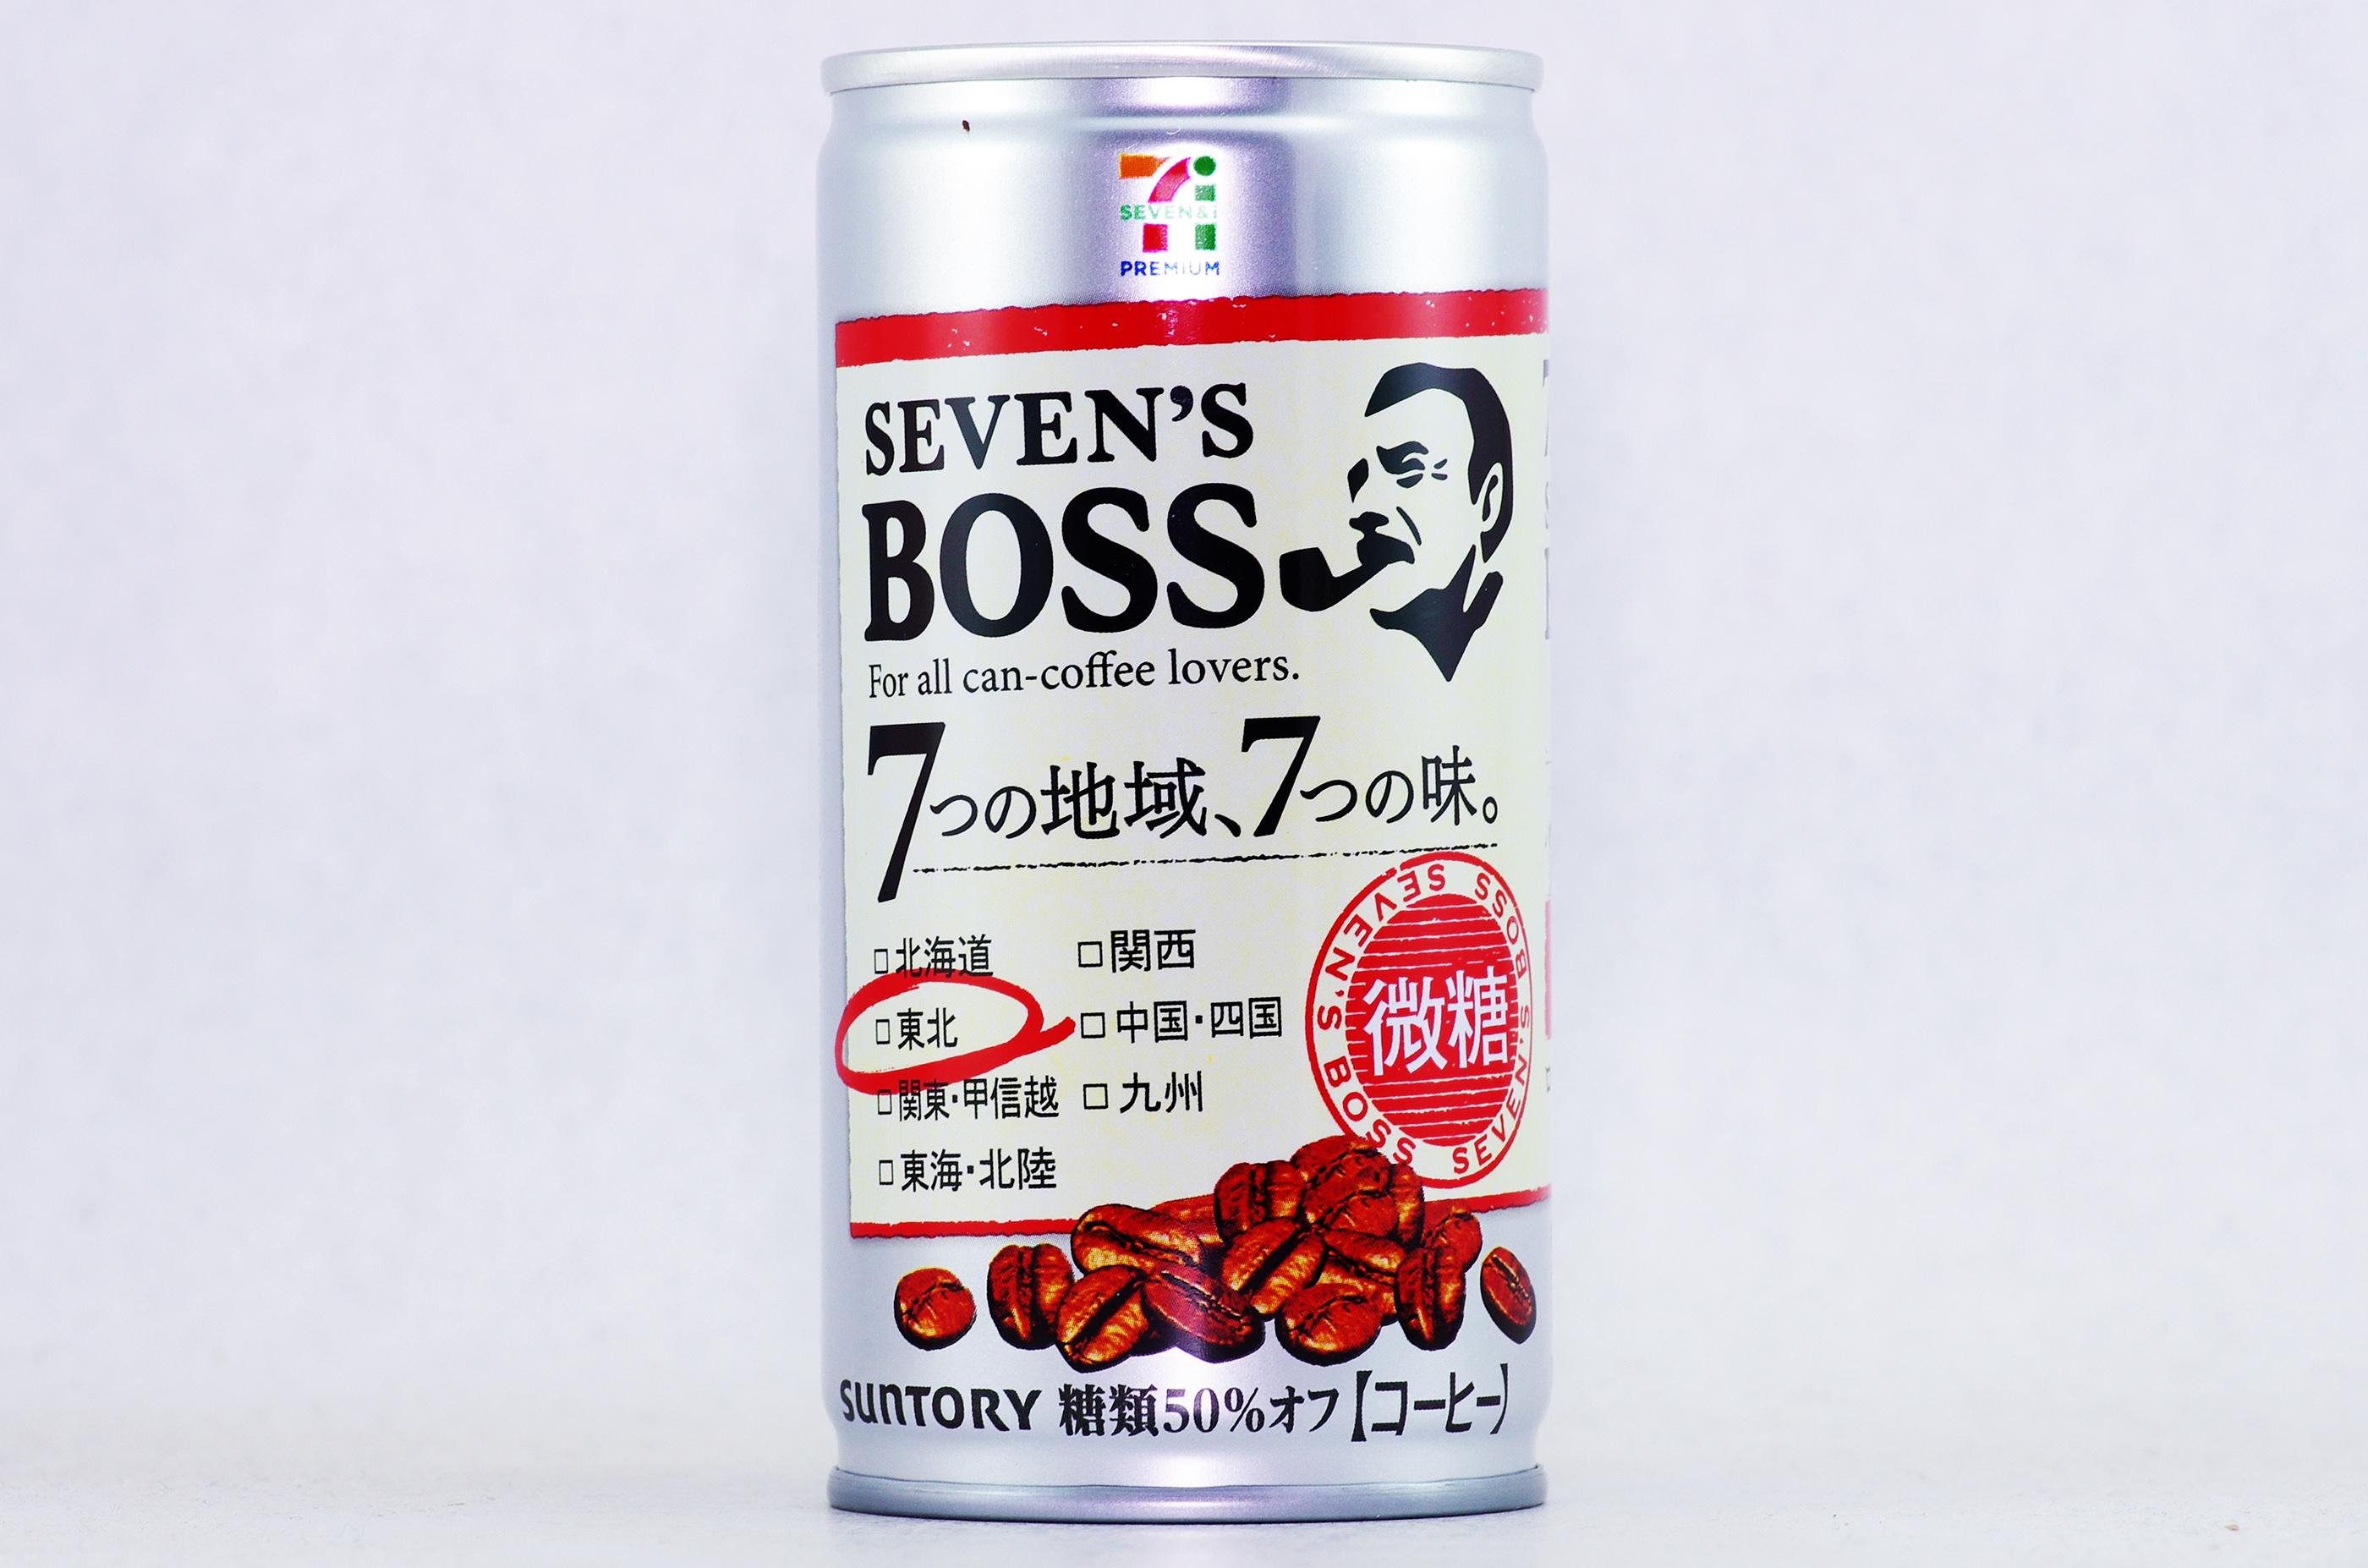 SEVEN'S BOSS 微糖 東北限定 2019年